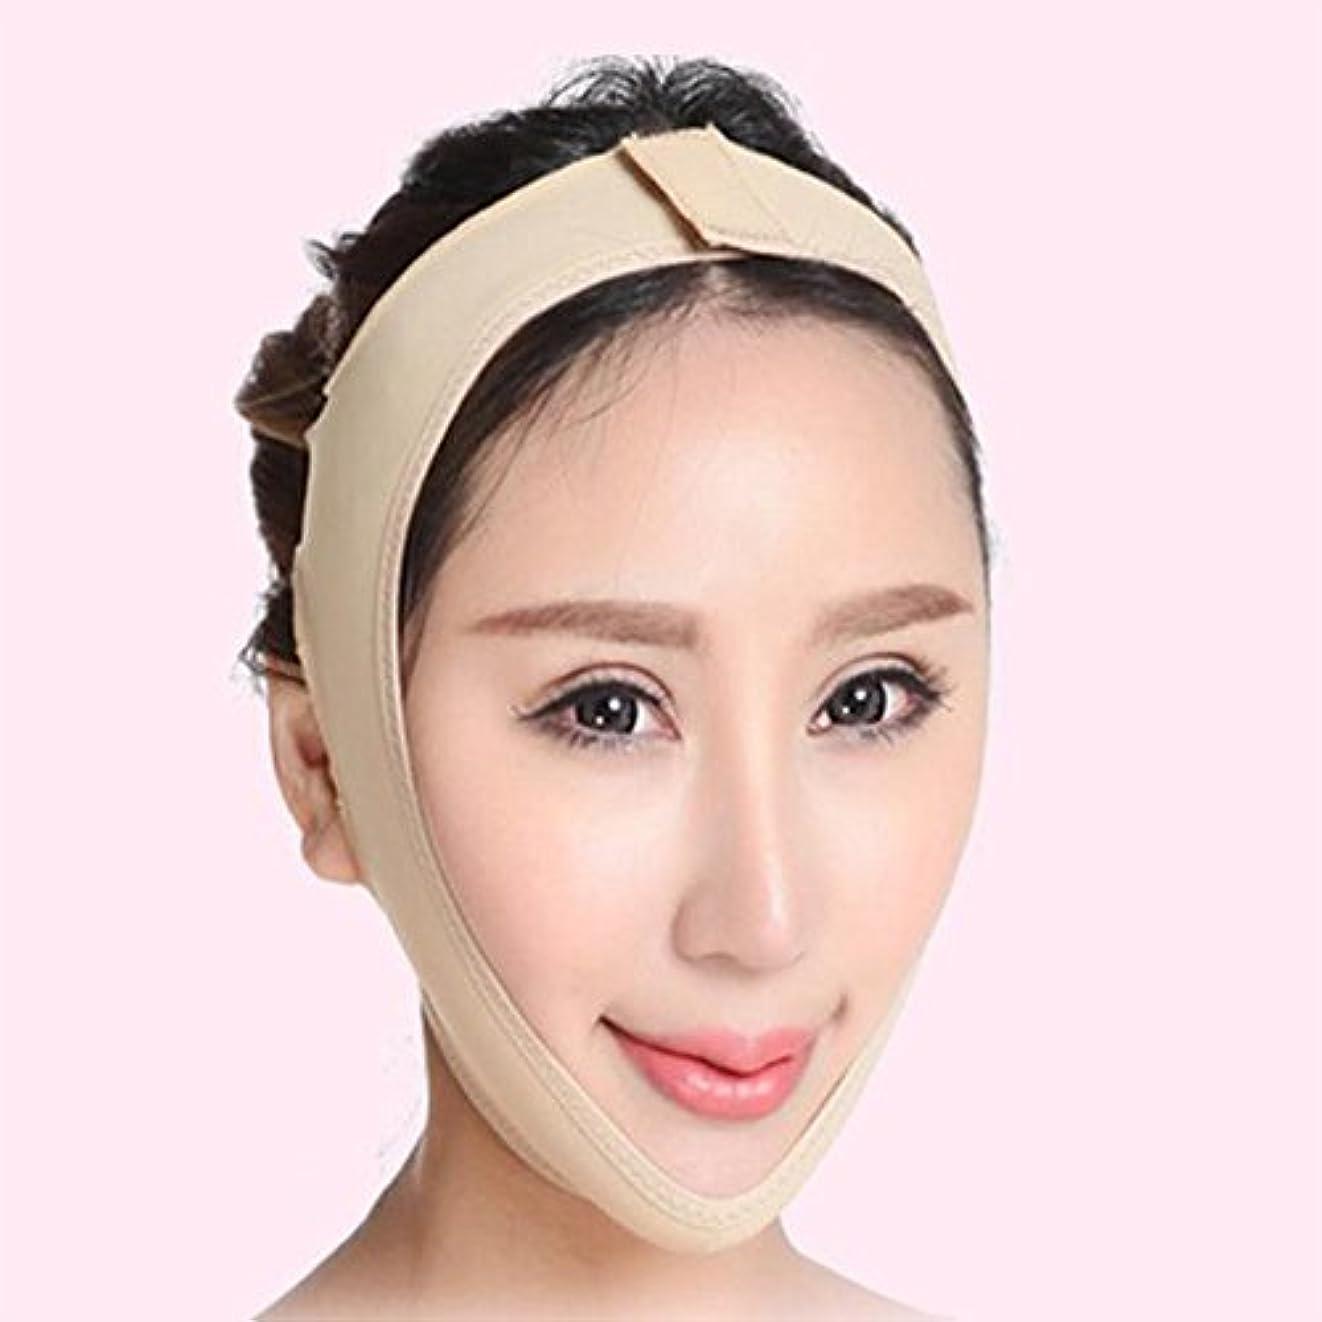 困惑デコレーション勝者SD 小顔 小顔マスク リフトアップ マスク フェイスライン 矯正 あご シャープ メンズ レディース Sサイズ AZD15003-S